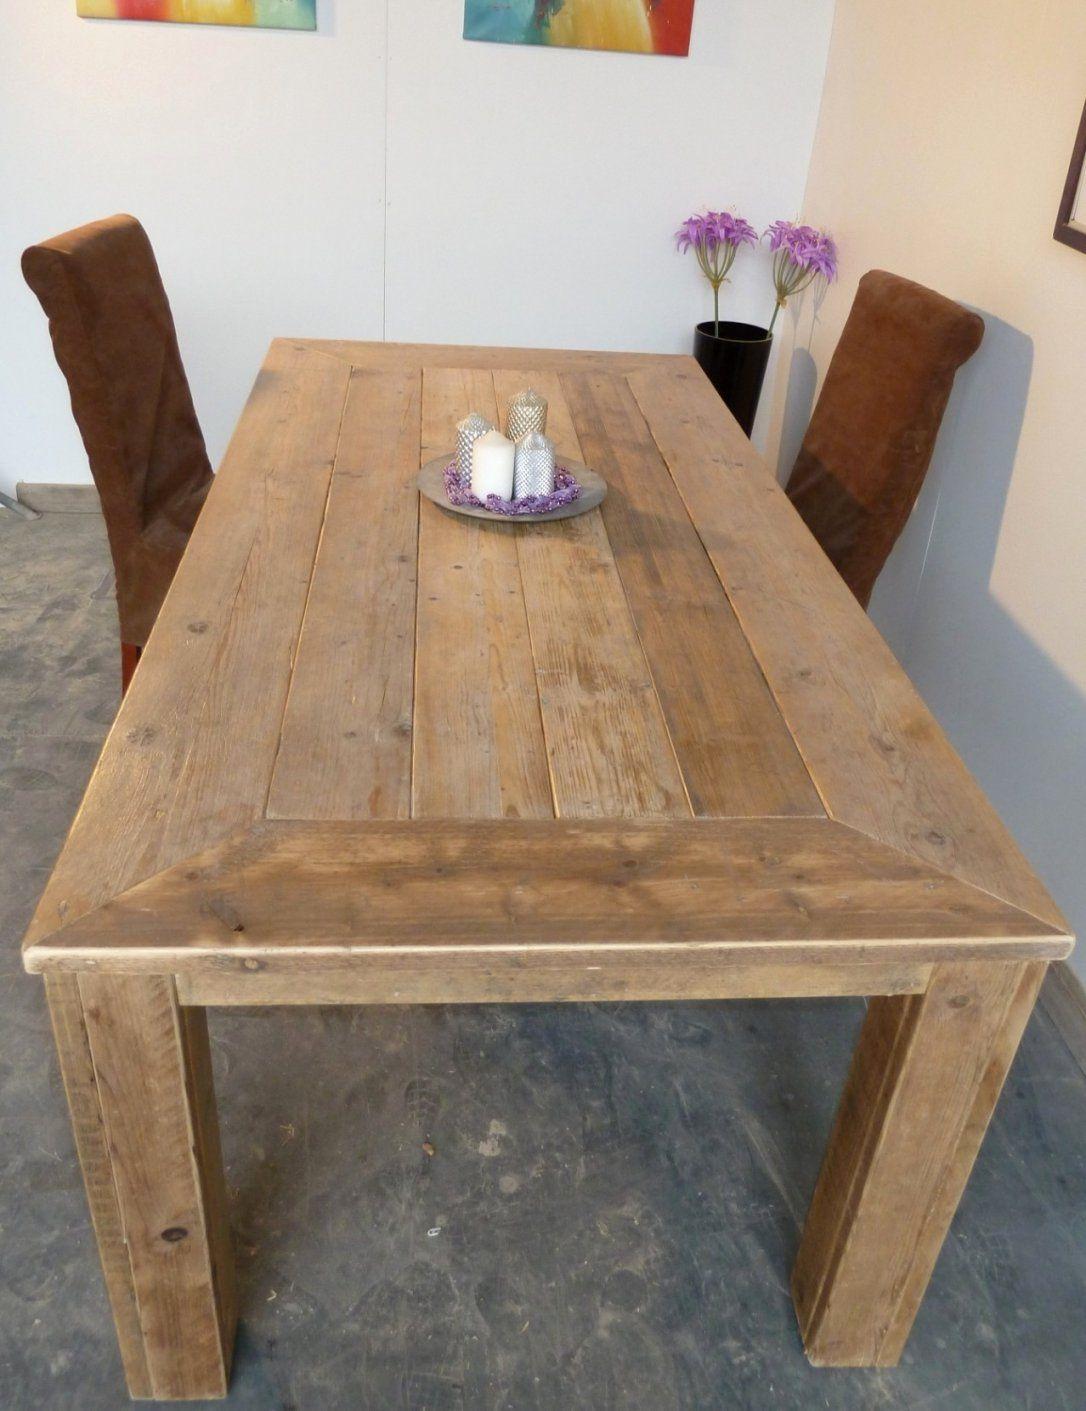 Neueste Gartentisch Holz Massiv Selber Bauen Sets Zum Gartentisch von Gartentisch Holz Rustikal Selber Bauen Bild